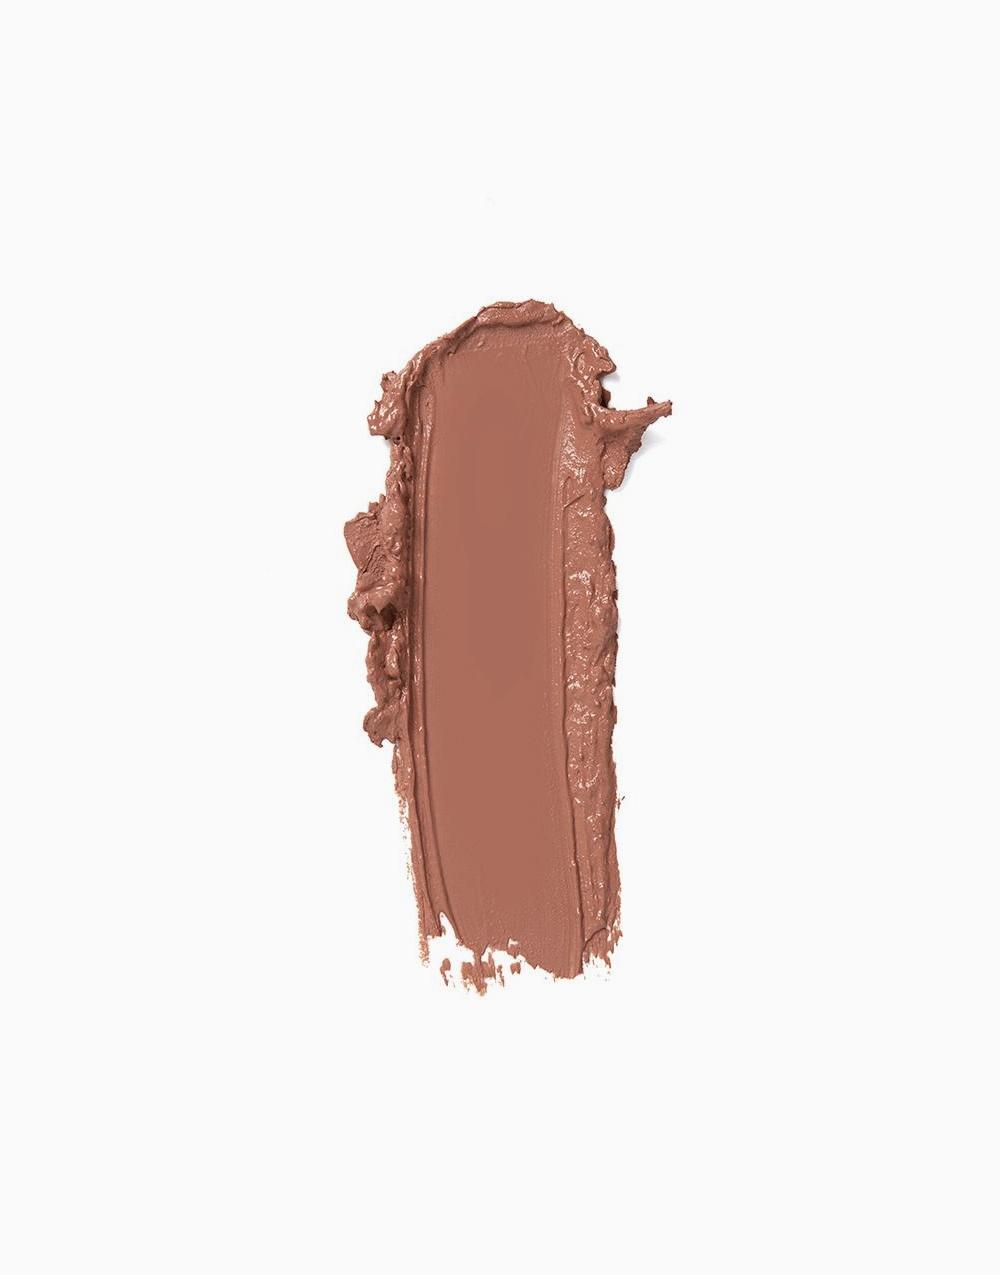 Crème Lipstick by Kylie Cosmetics   Dulce De Leche